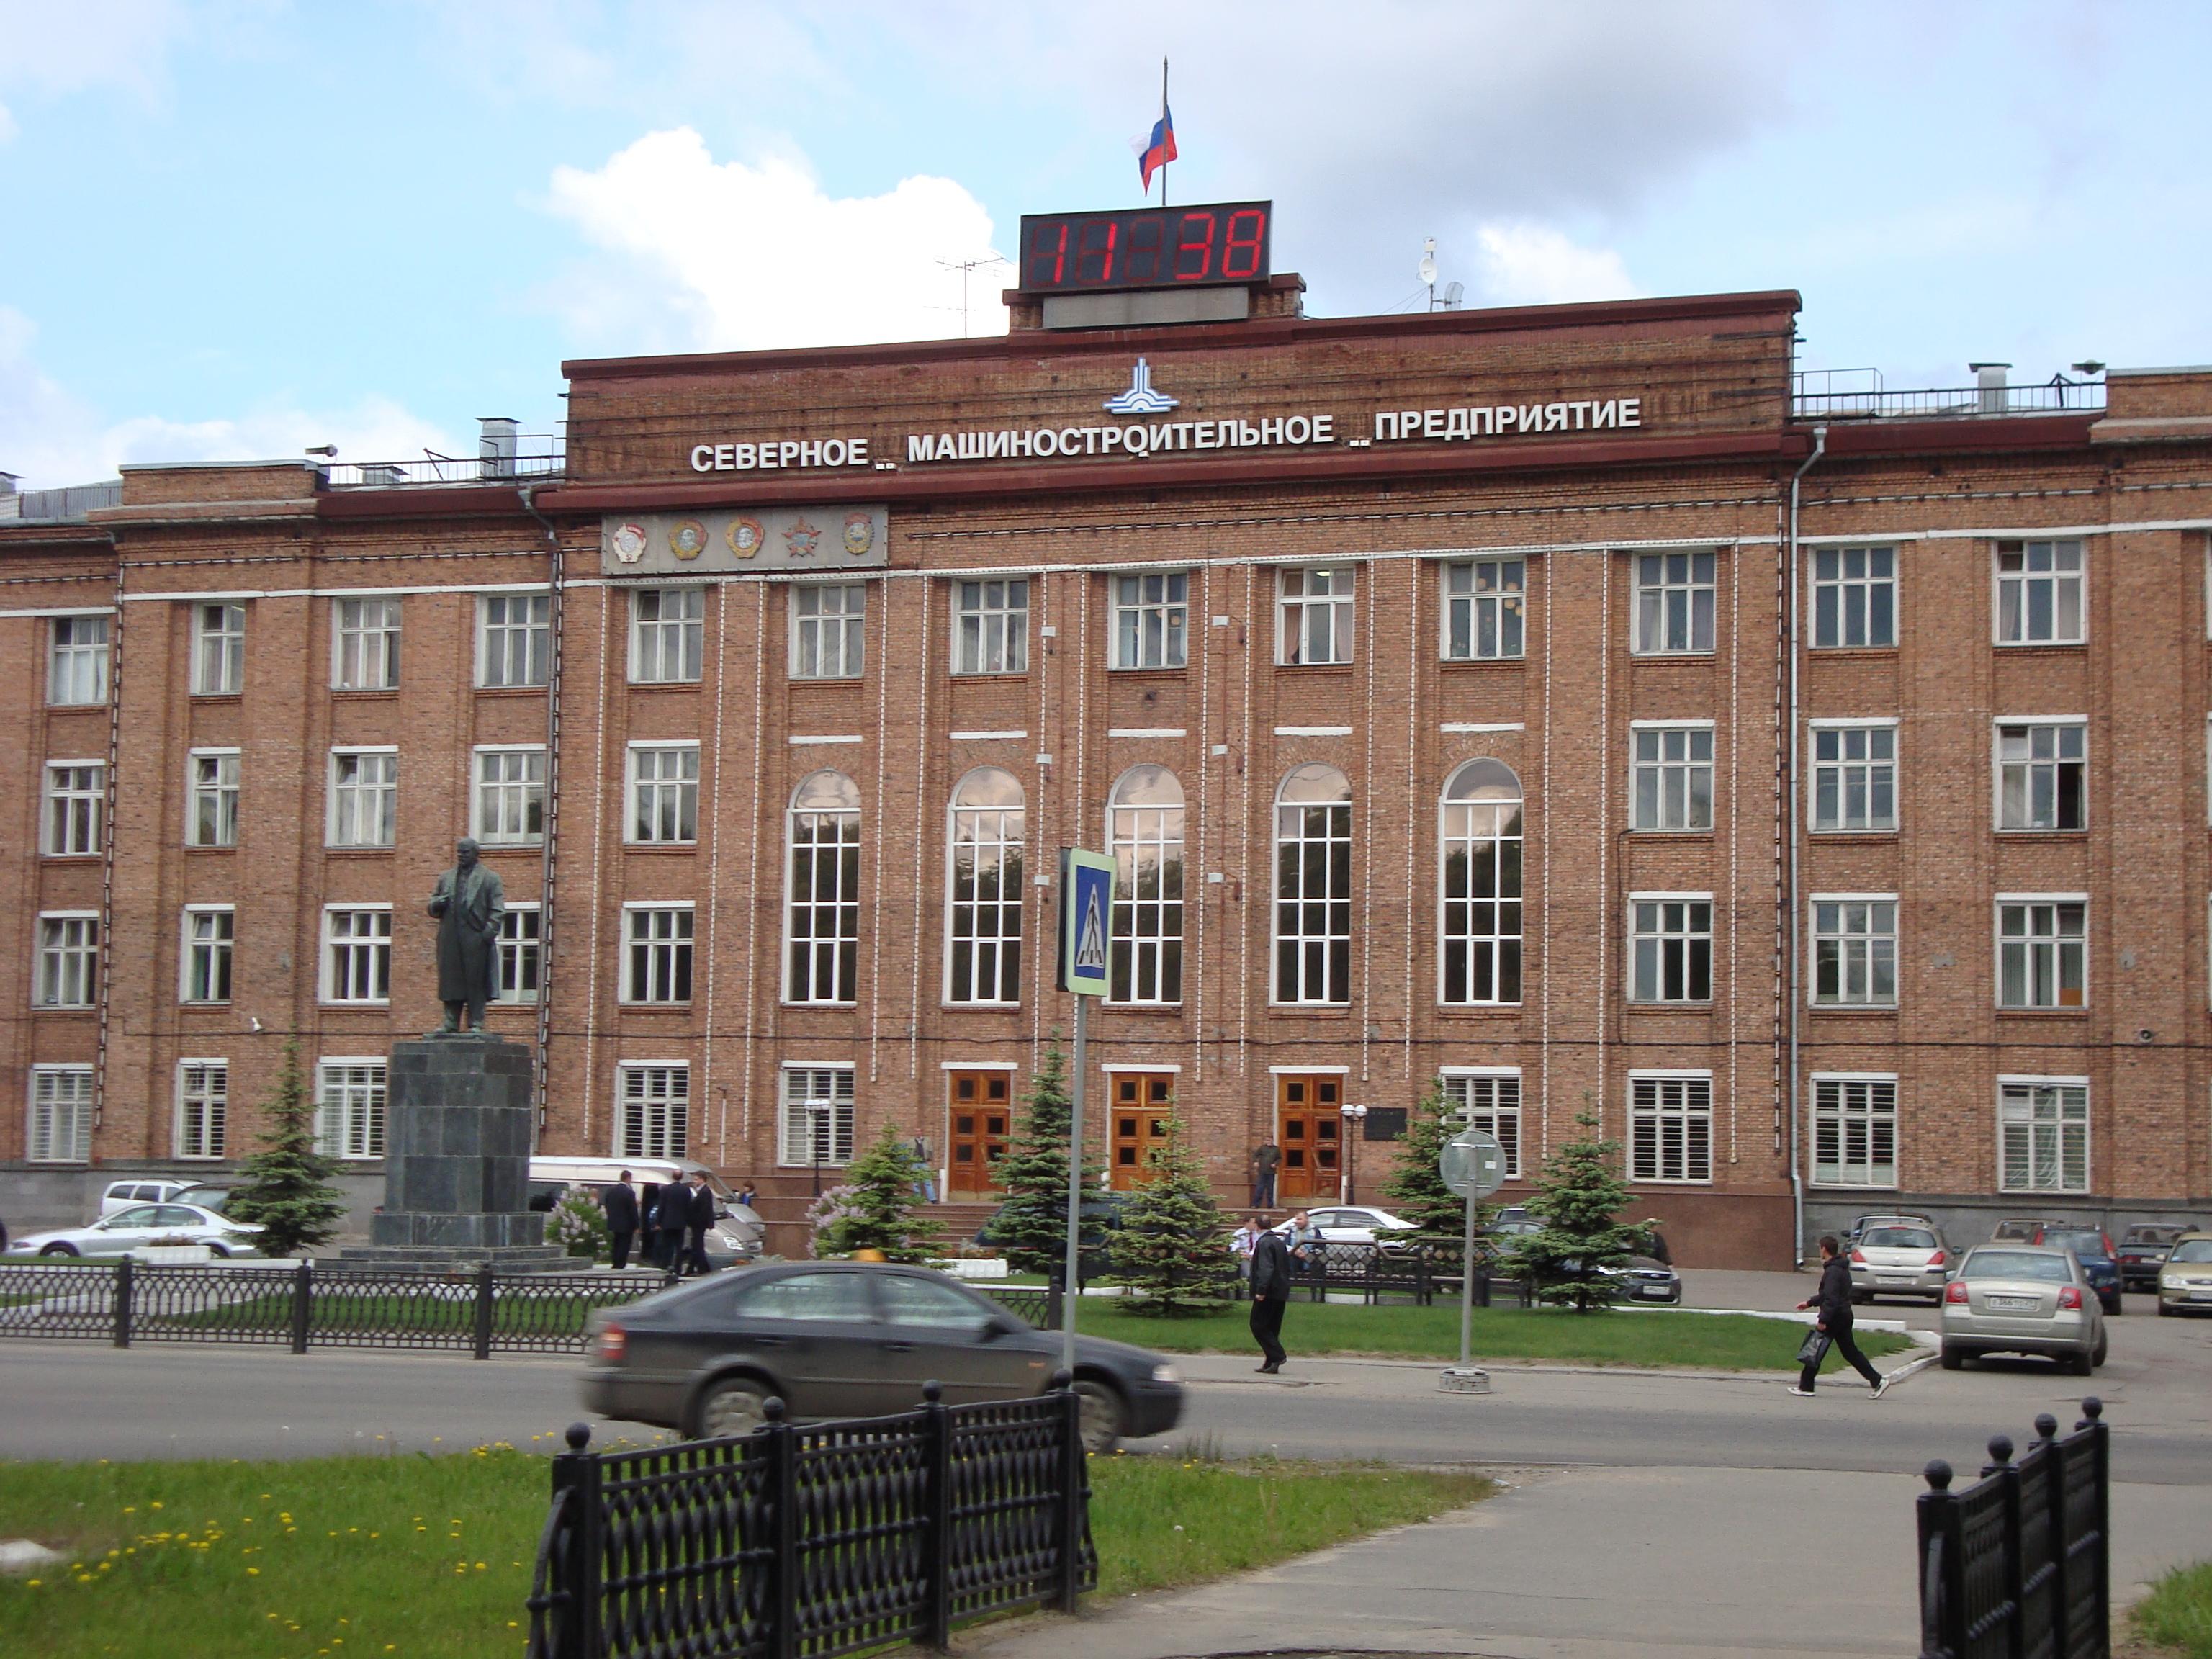 Бухгалтерия севмаш электронные формы налоговой отчетности 2019